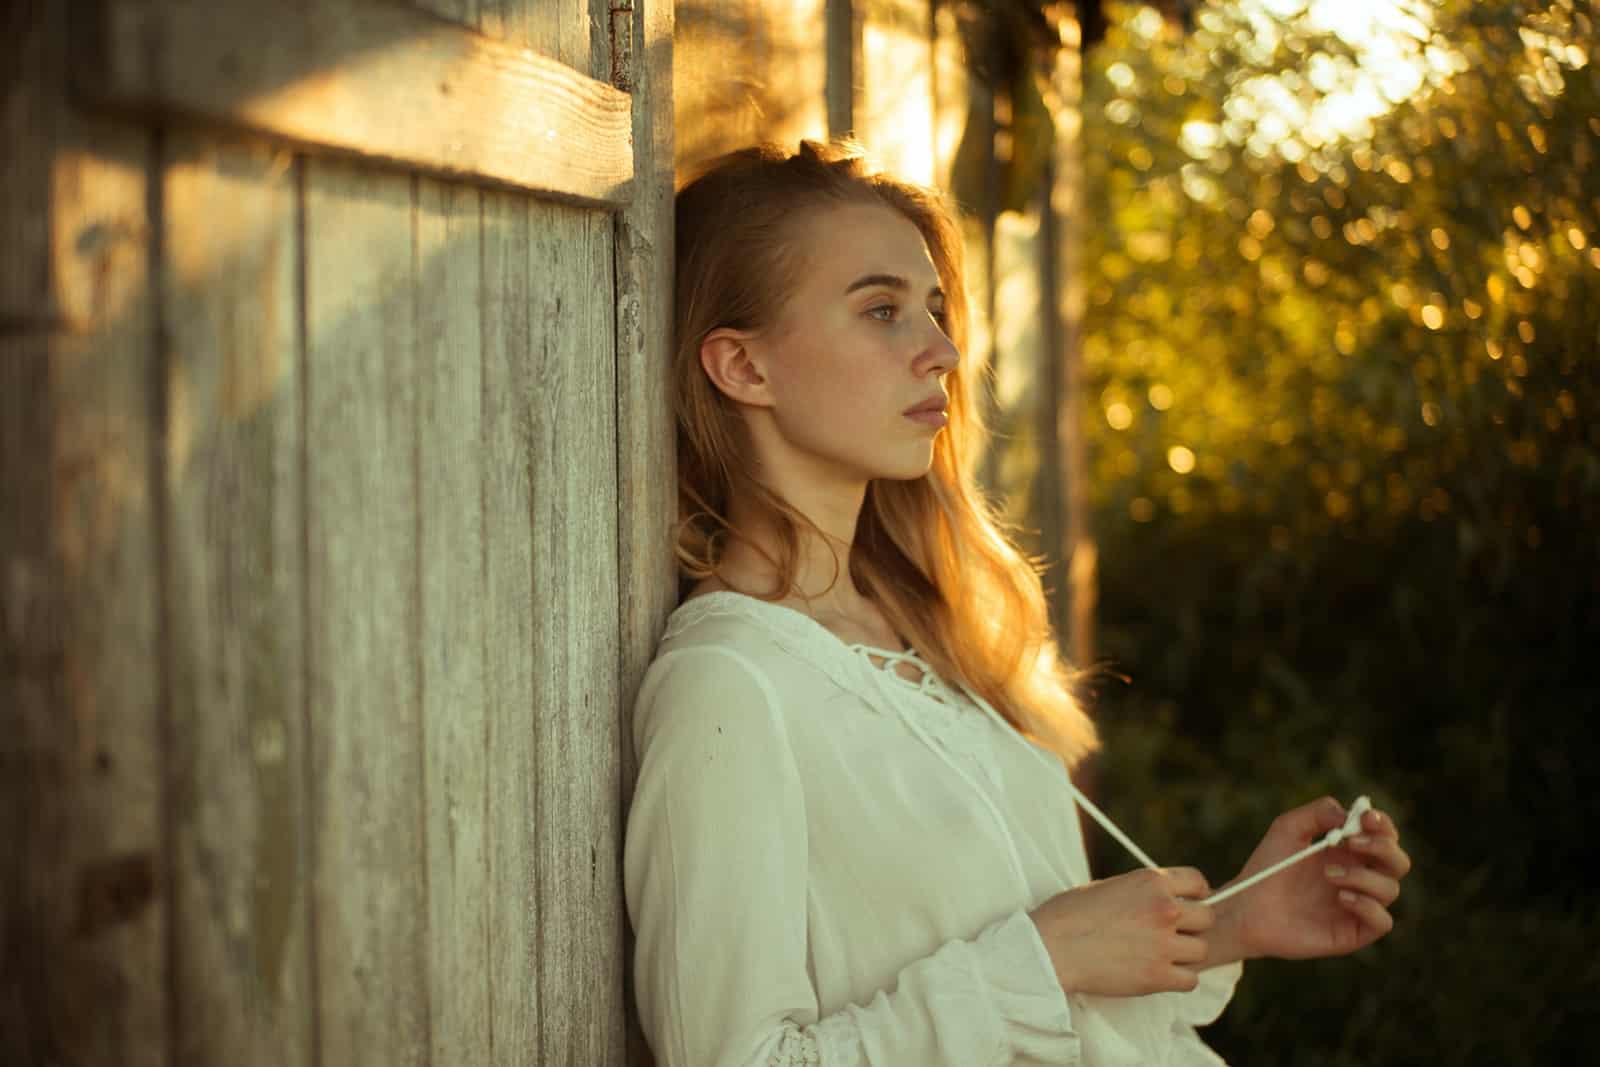 Une femme pensive à la recherche de loin appuyé sur un mur en bois